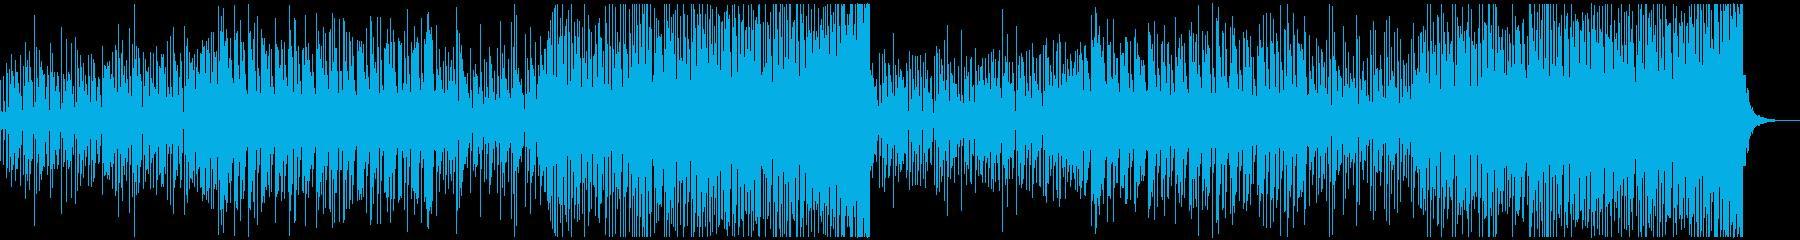 クール・スタイリッシュ・EDM・3の再生済みの波形